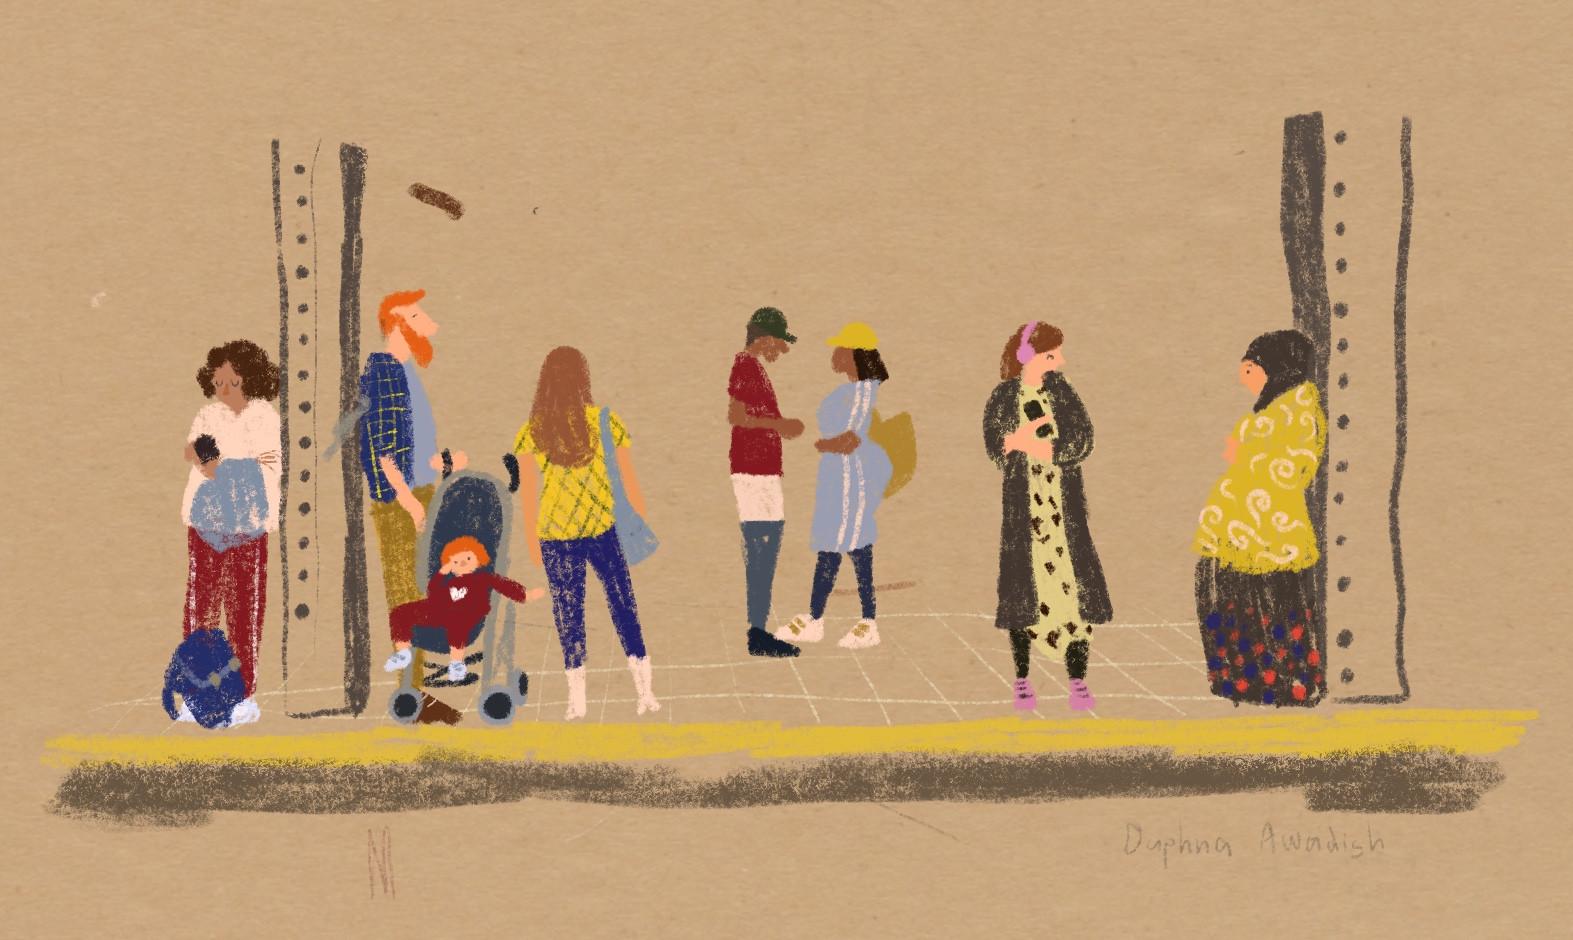 subway people.jpg